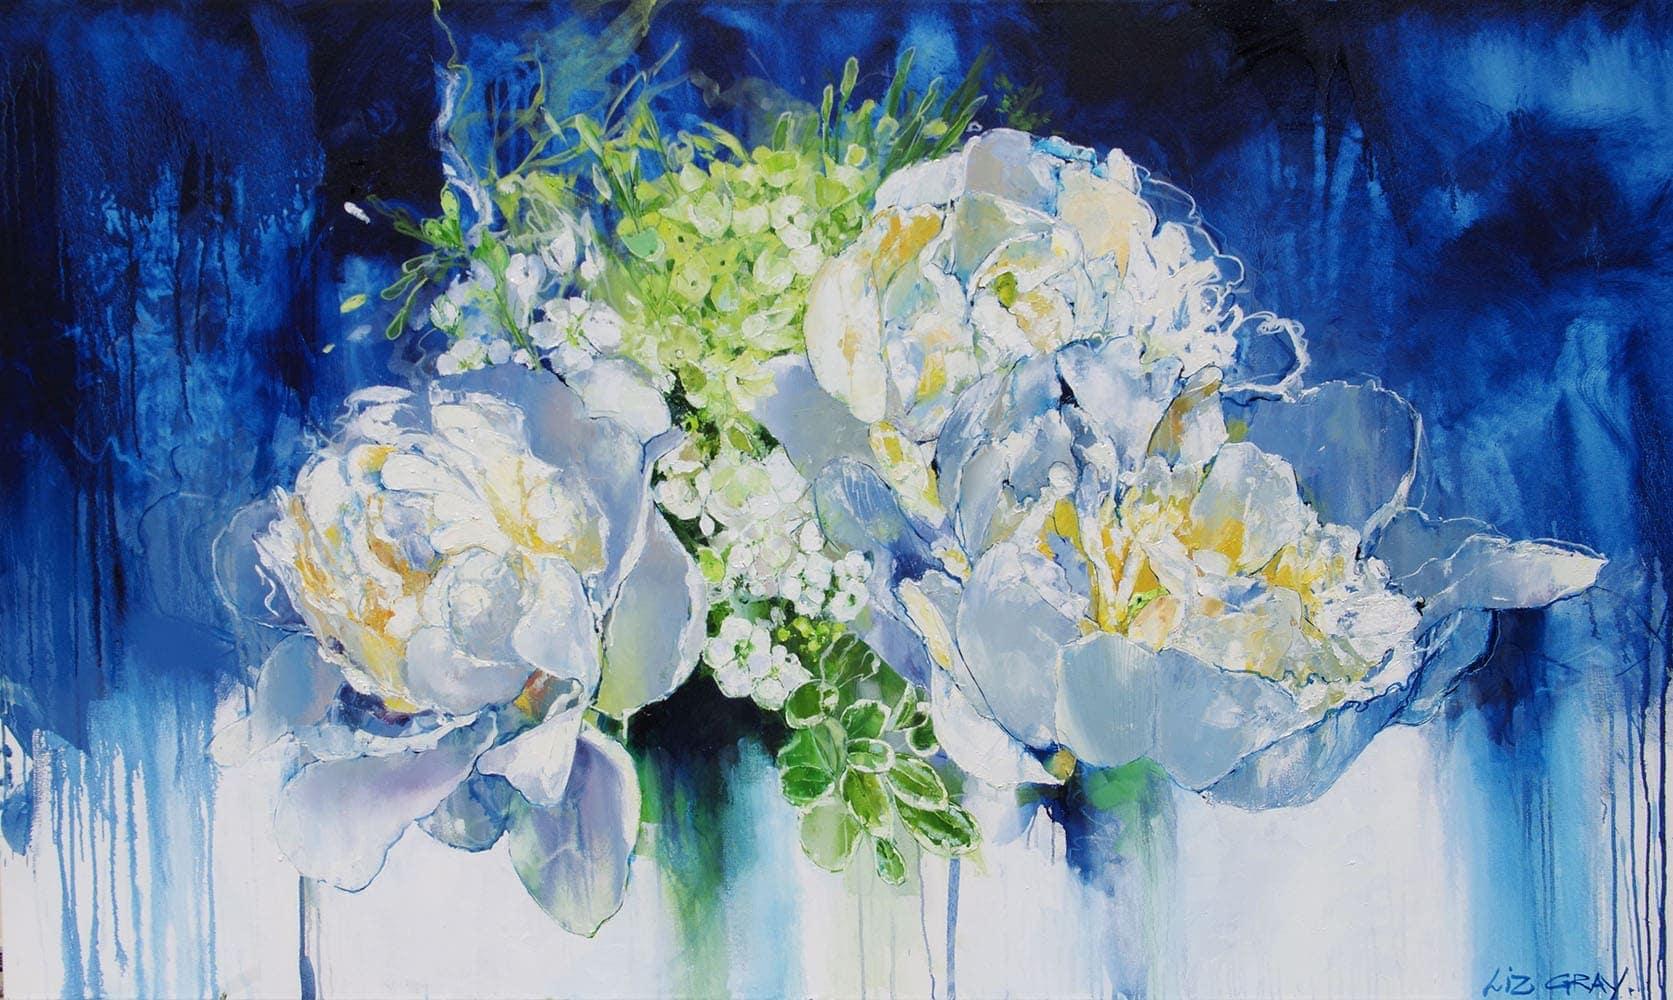 Bloomin' Huge, Liz Gray,